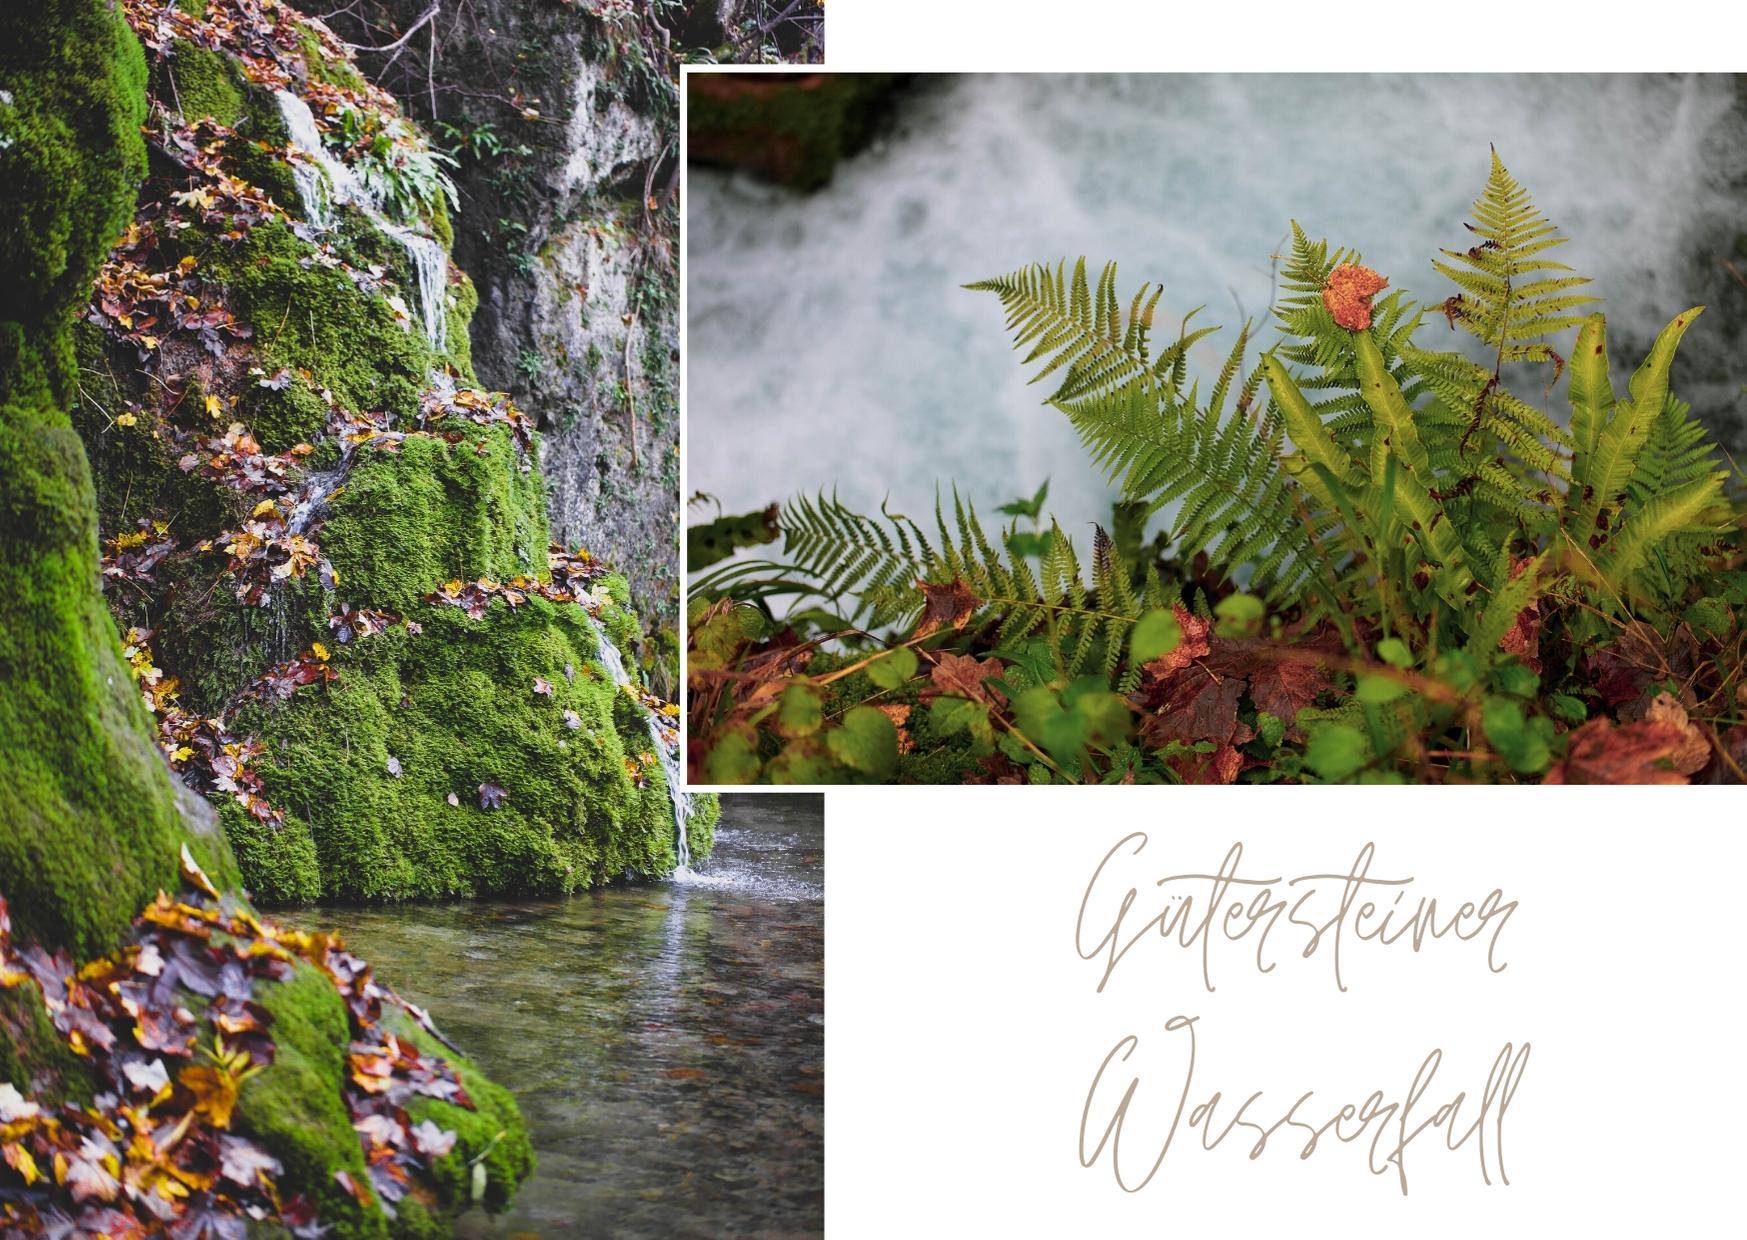 Besondere Ausflugsziele in Baden-Württemberg - Gütersteiner Wasserfälle